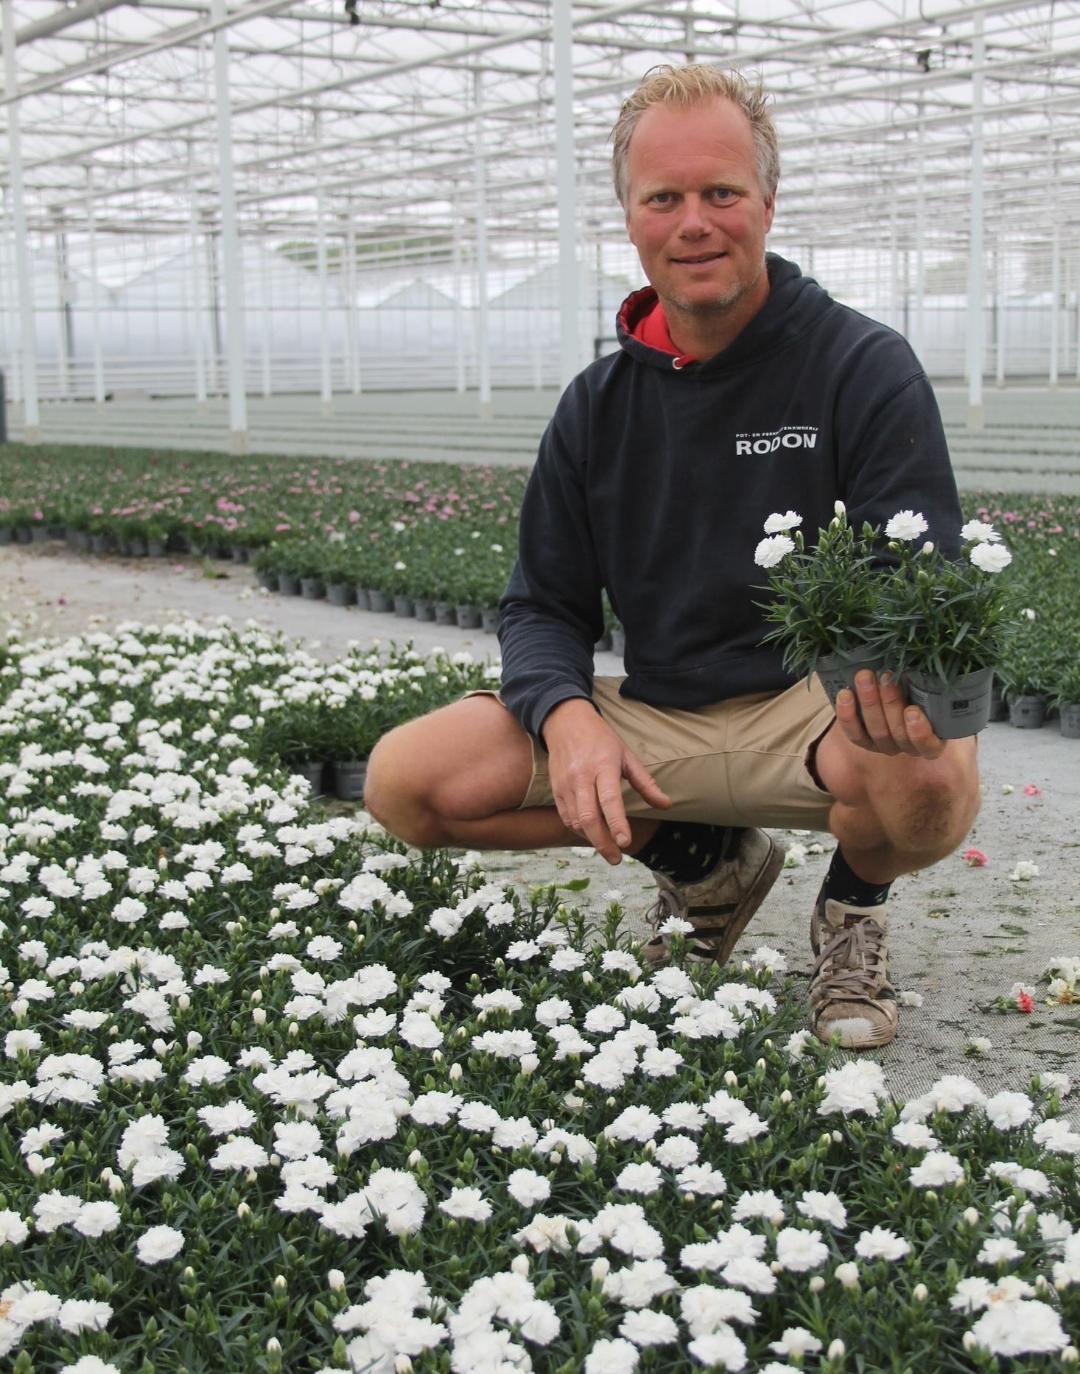 Potplantenkwekerij Rodon verlengt sponsorcontract